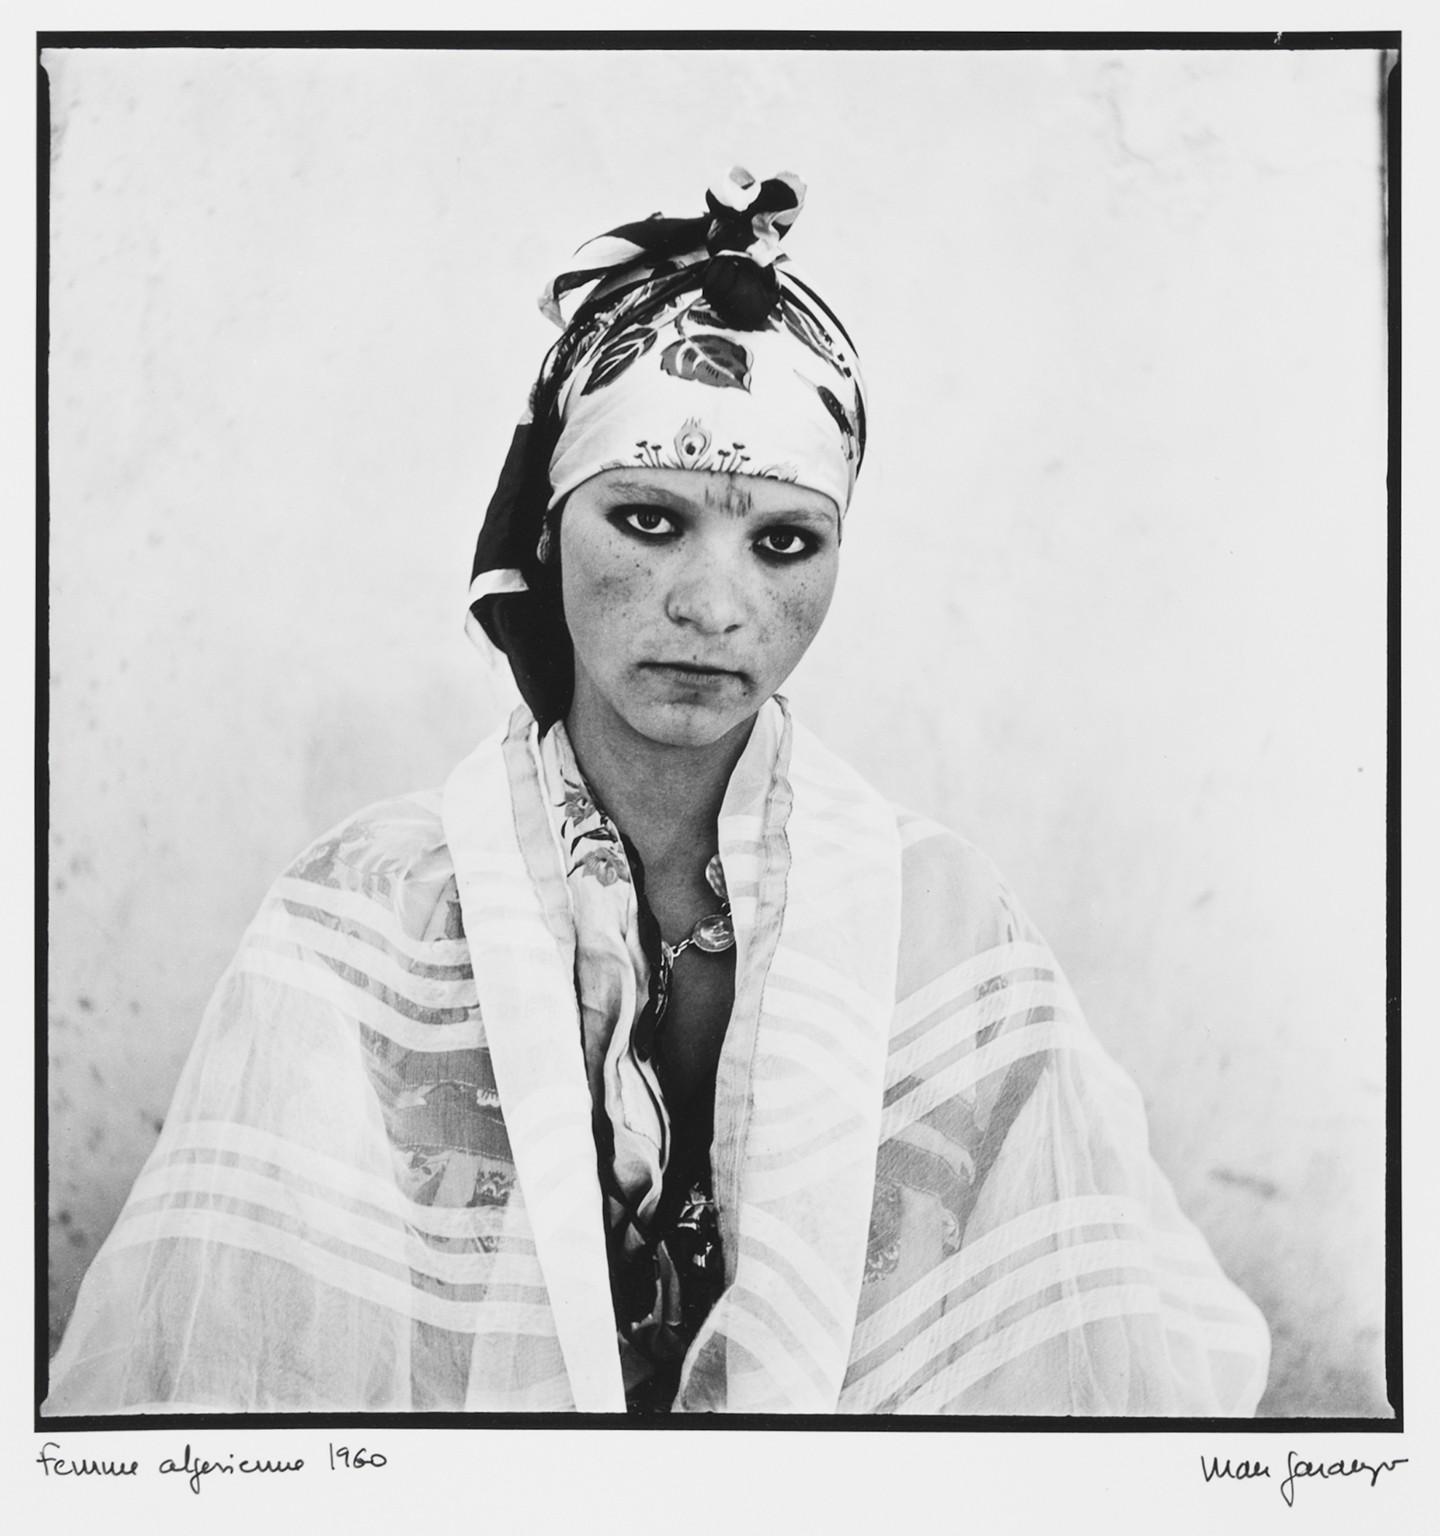 marc-garanger-1935-france-femme-algerienne-3-1960-275-x-268-cm